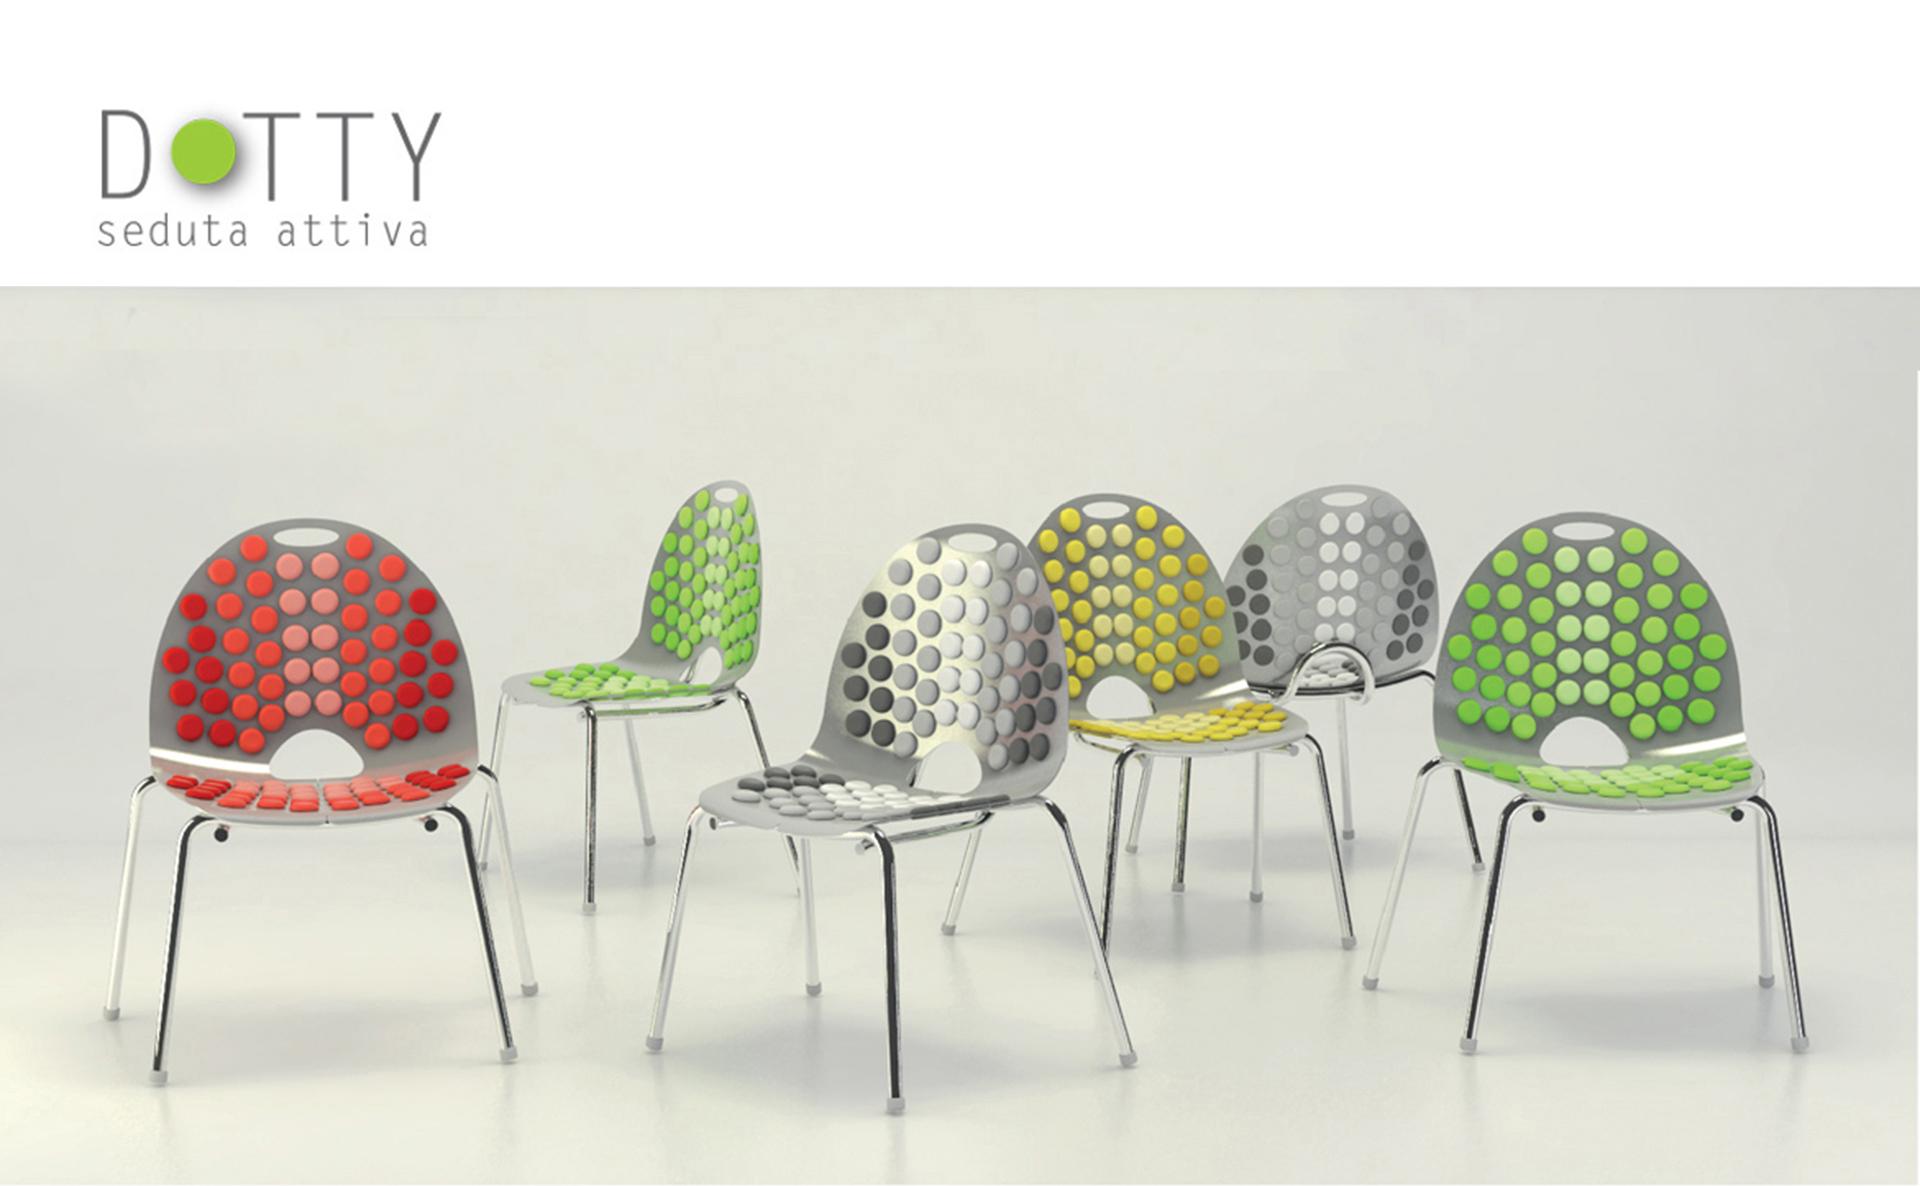 Dotty-sedia-attiva-Rodal-colori